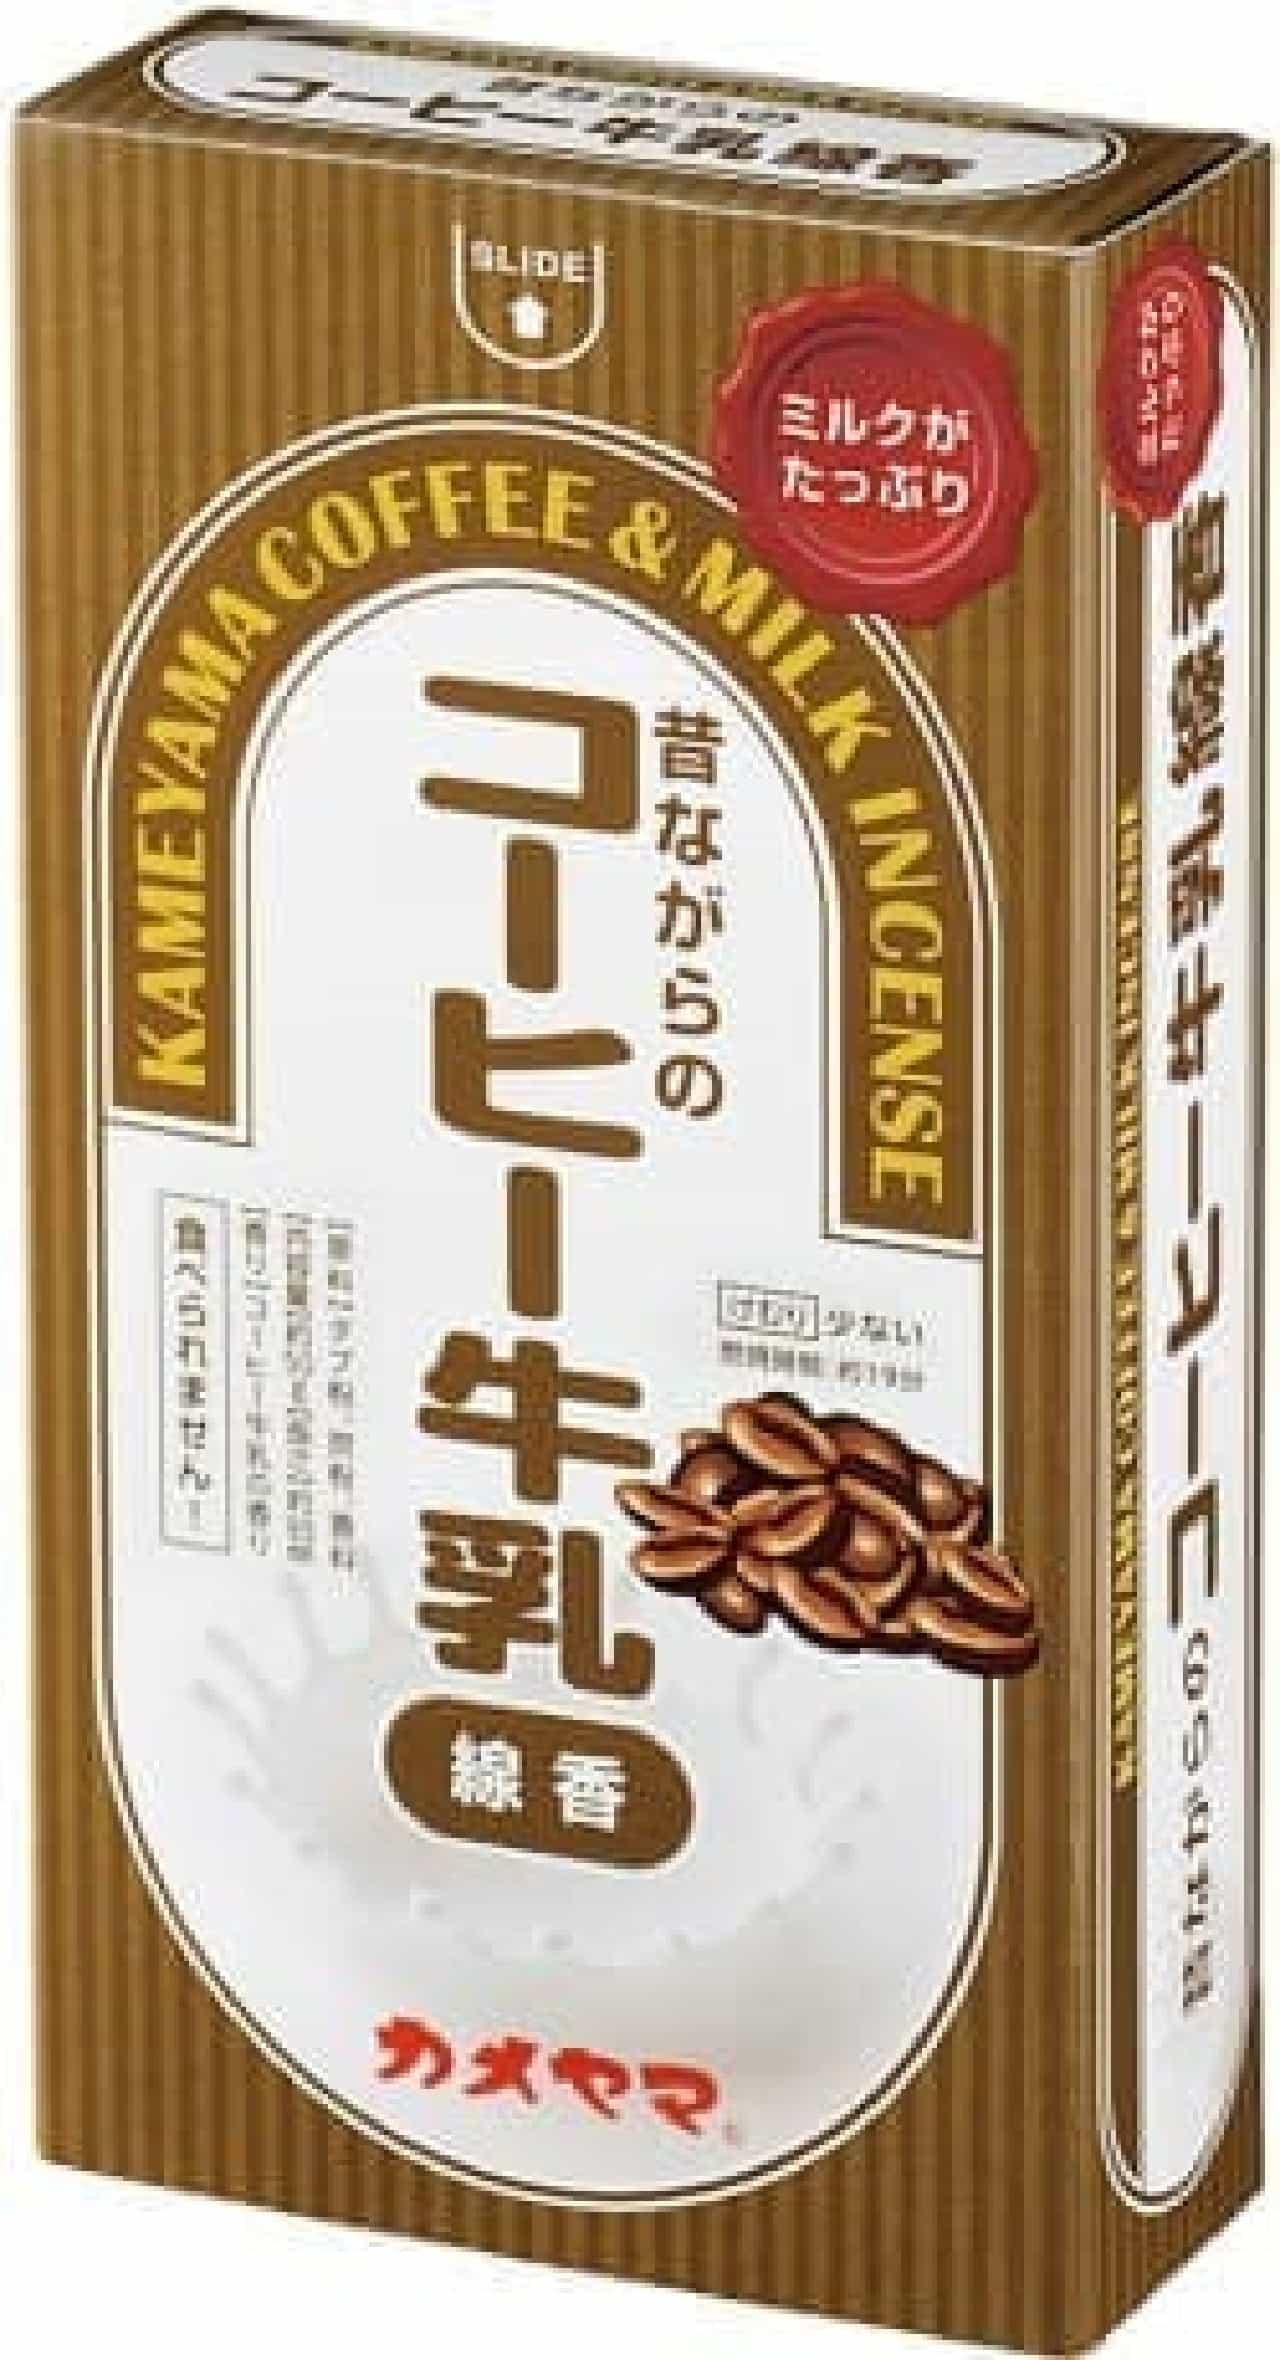 """""""コーヒー牛乳""""の香りのお線香「コーヒー牛乳 ミニ寸線香」"""